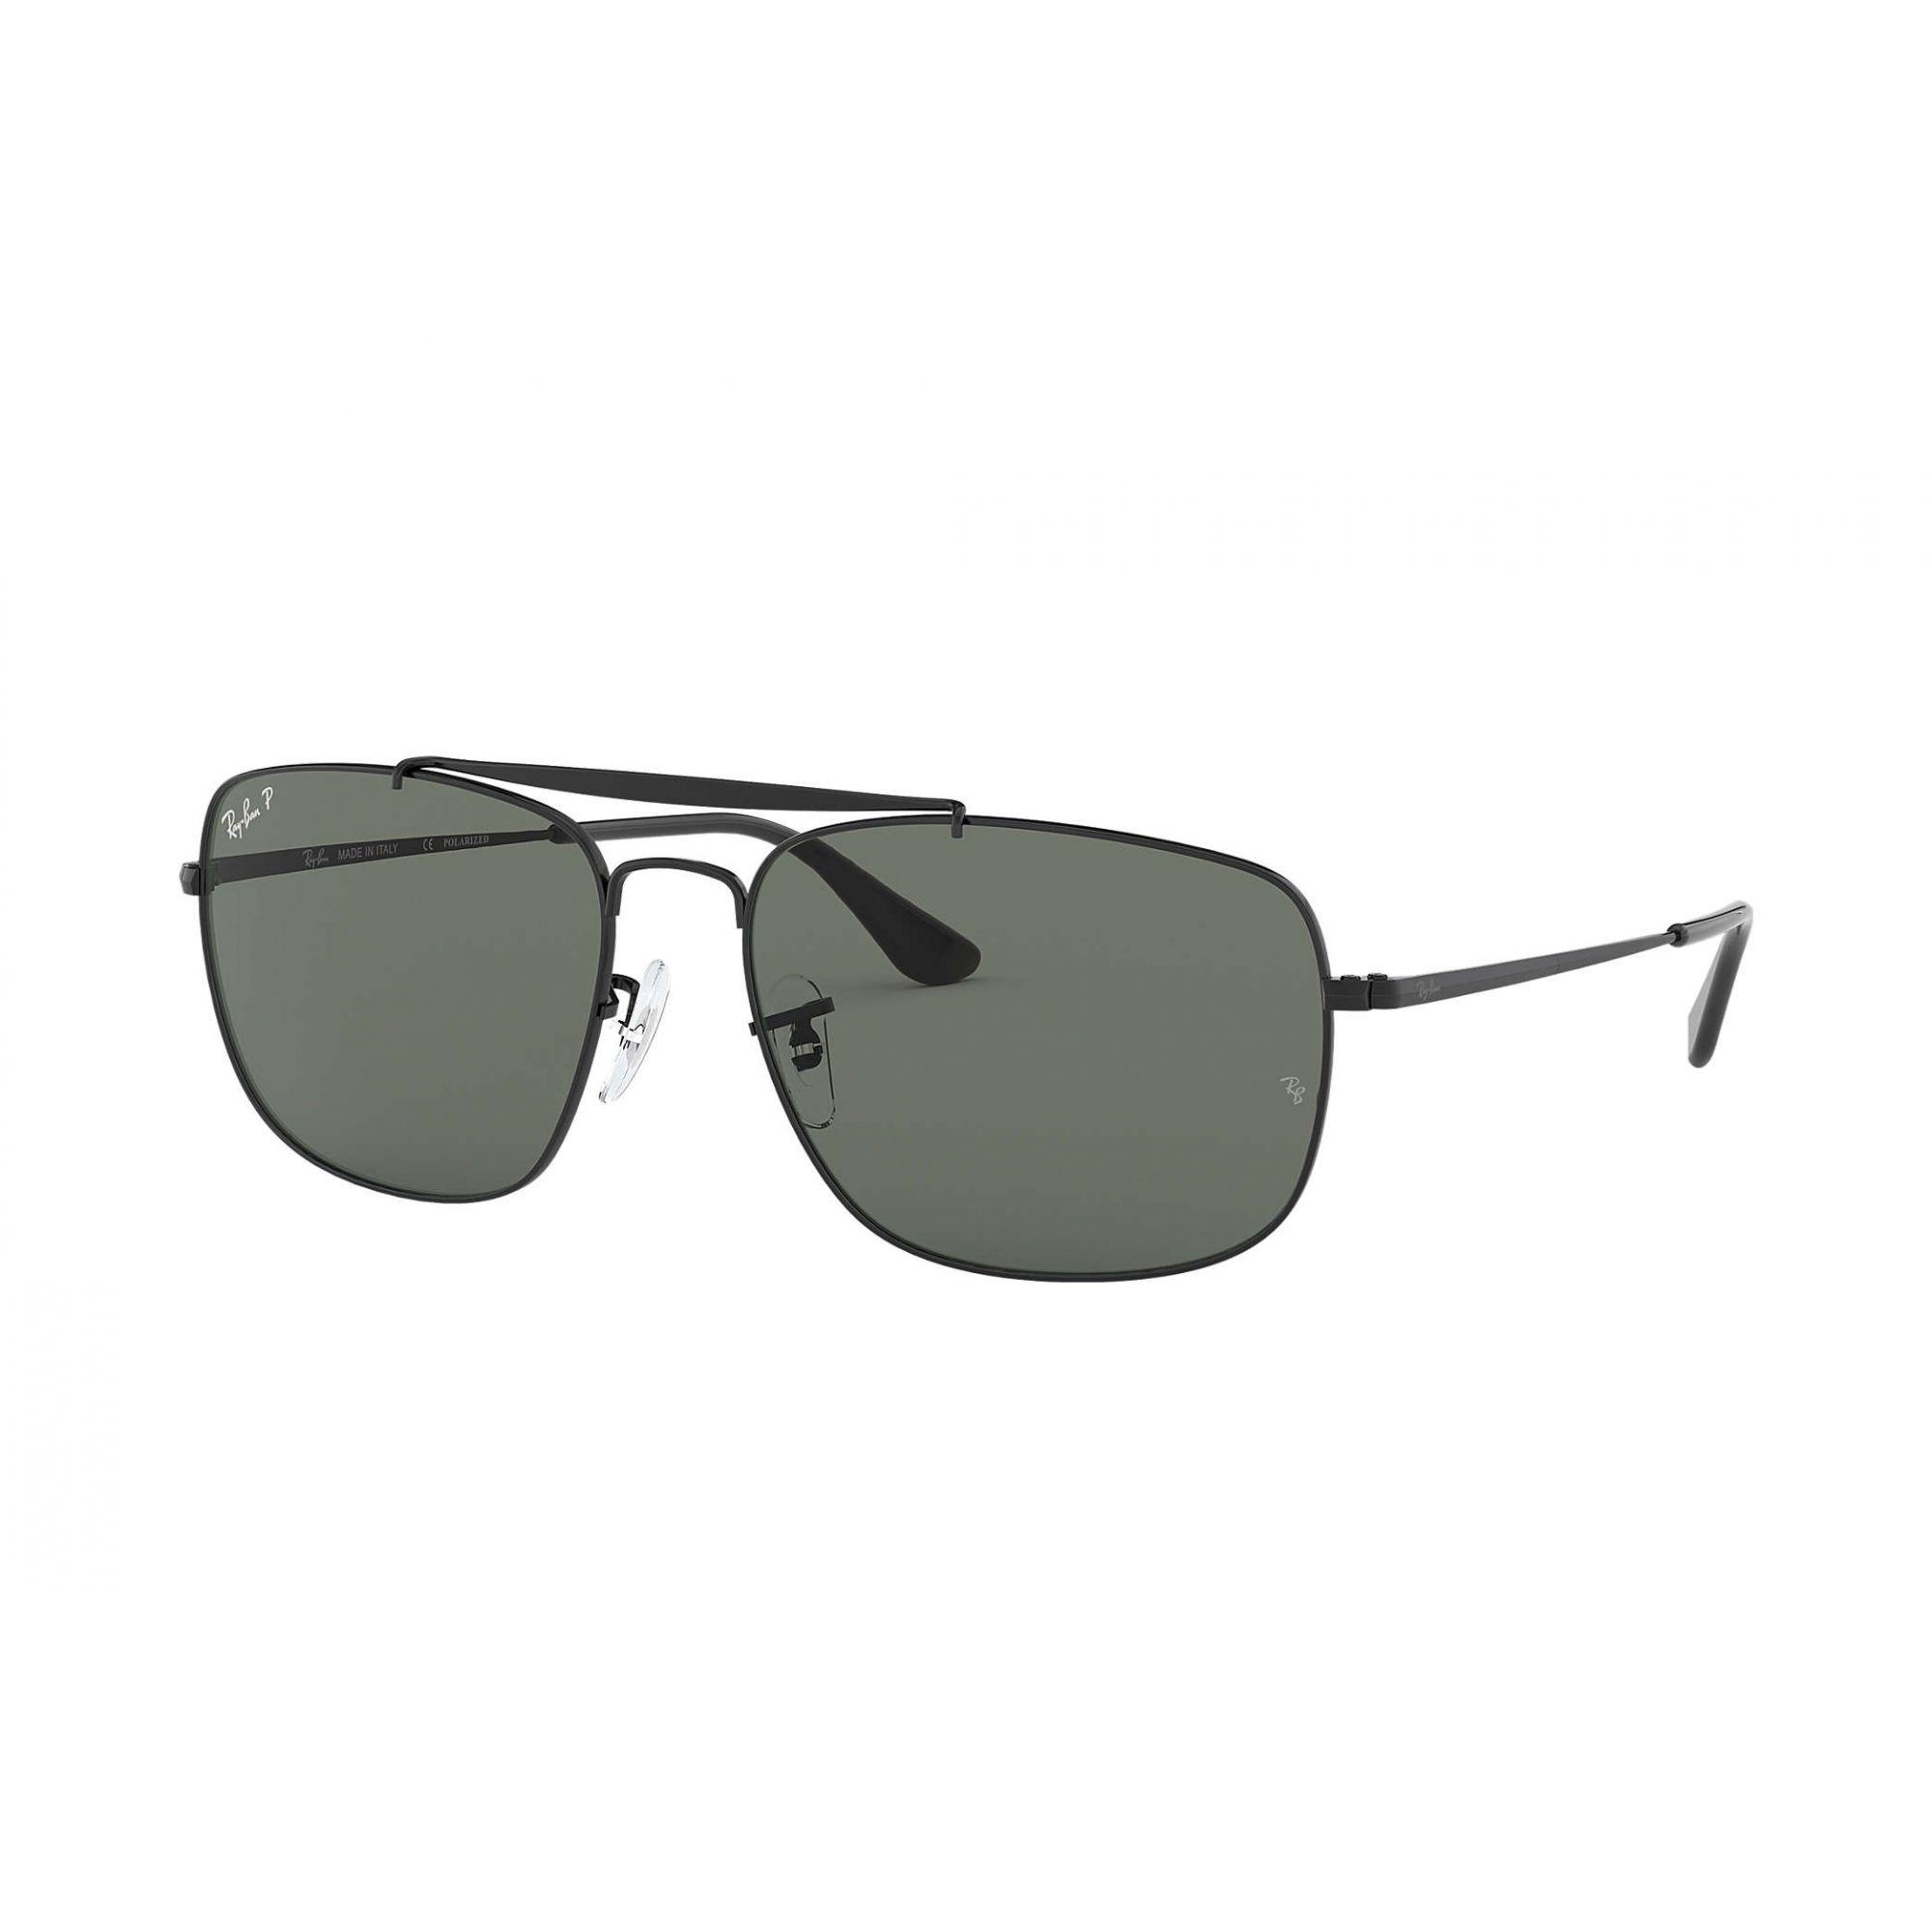 Ray Ban - RB3560 00258 - Óculos de sol